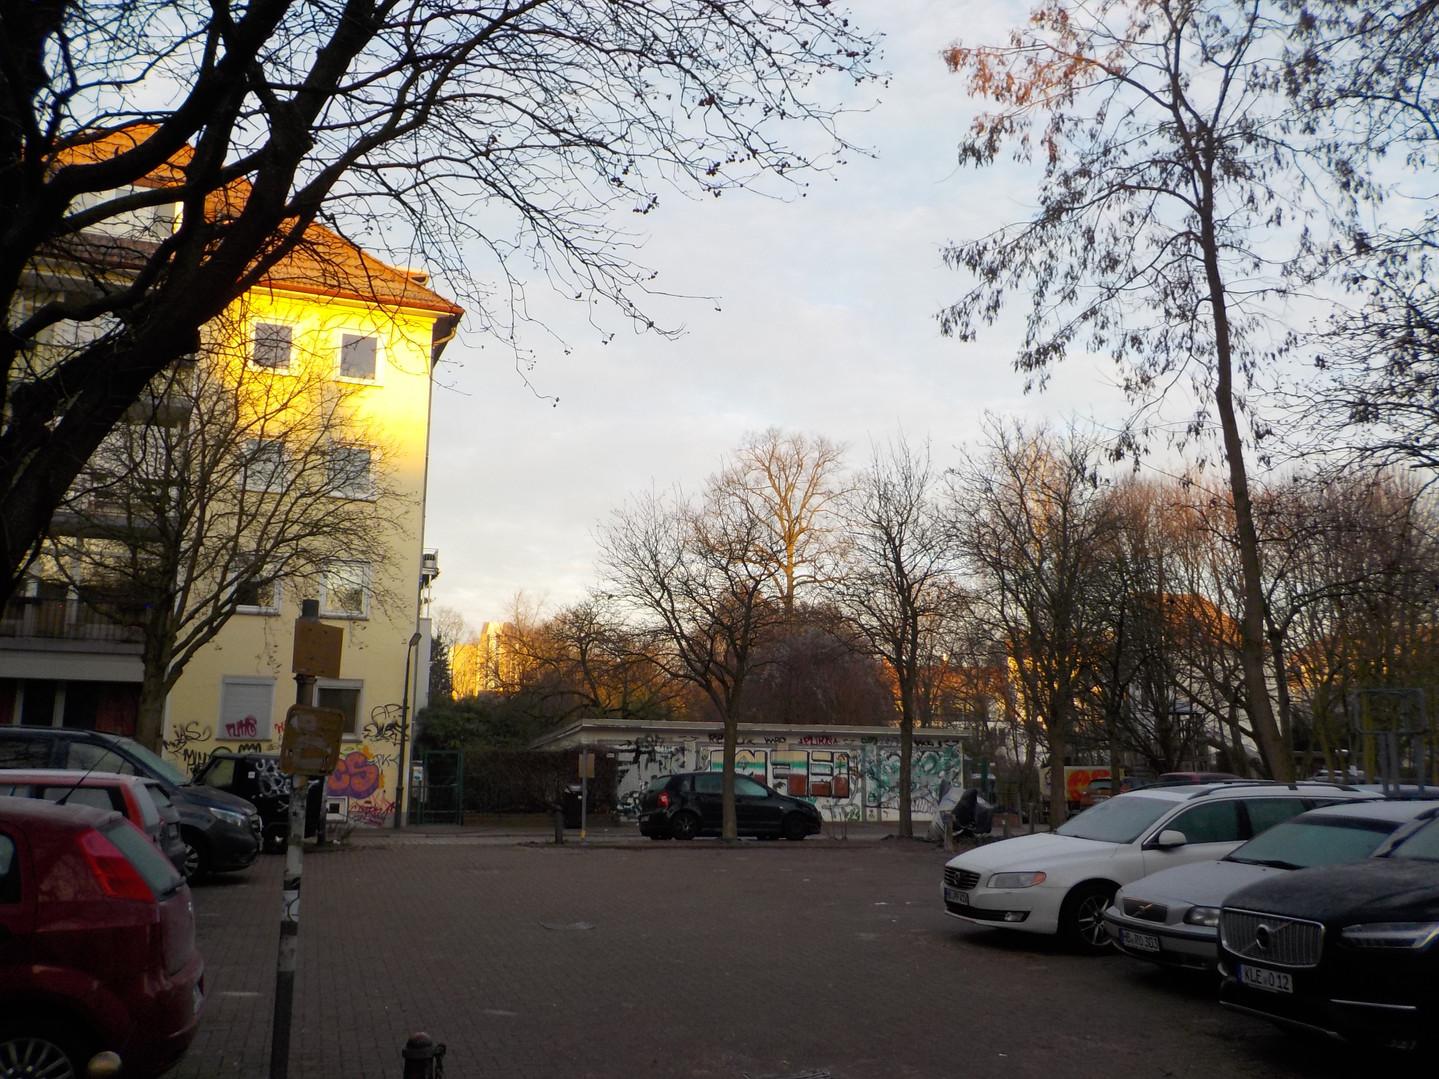 Albrechtstraße_Blick_auf_Hochhaus.JPG